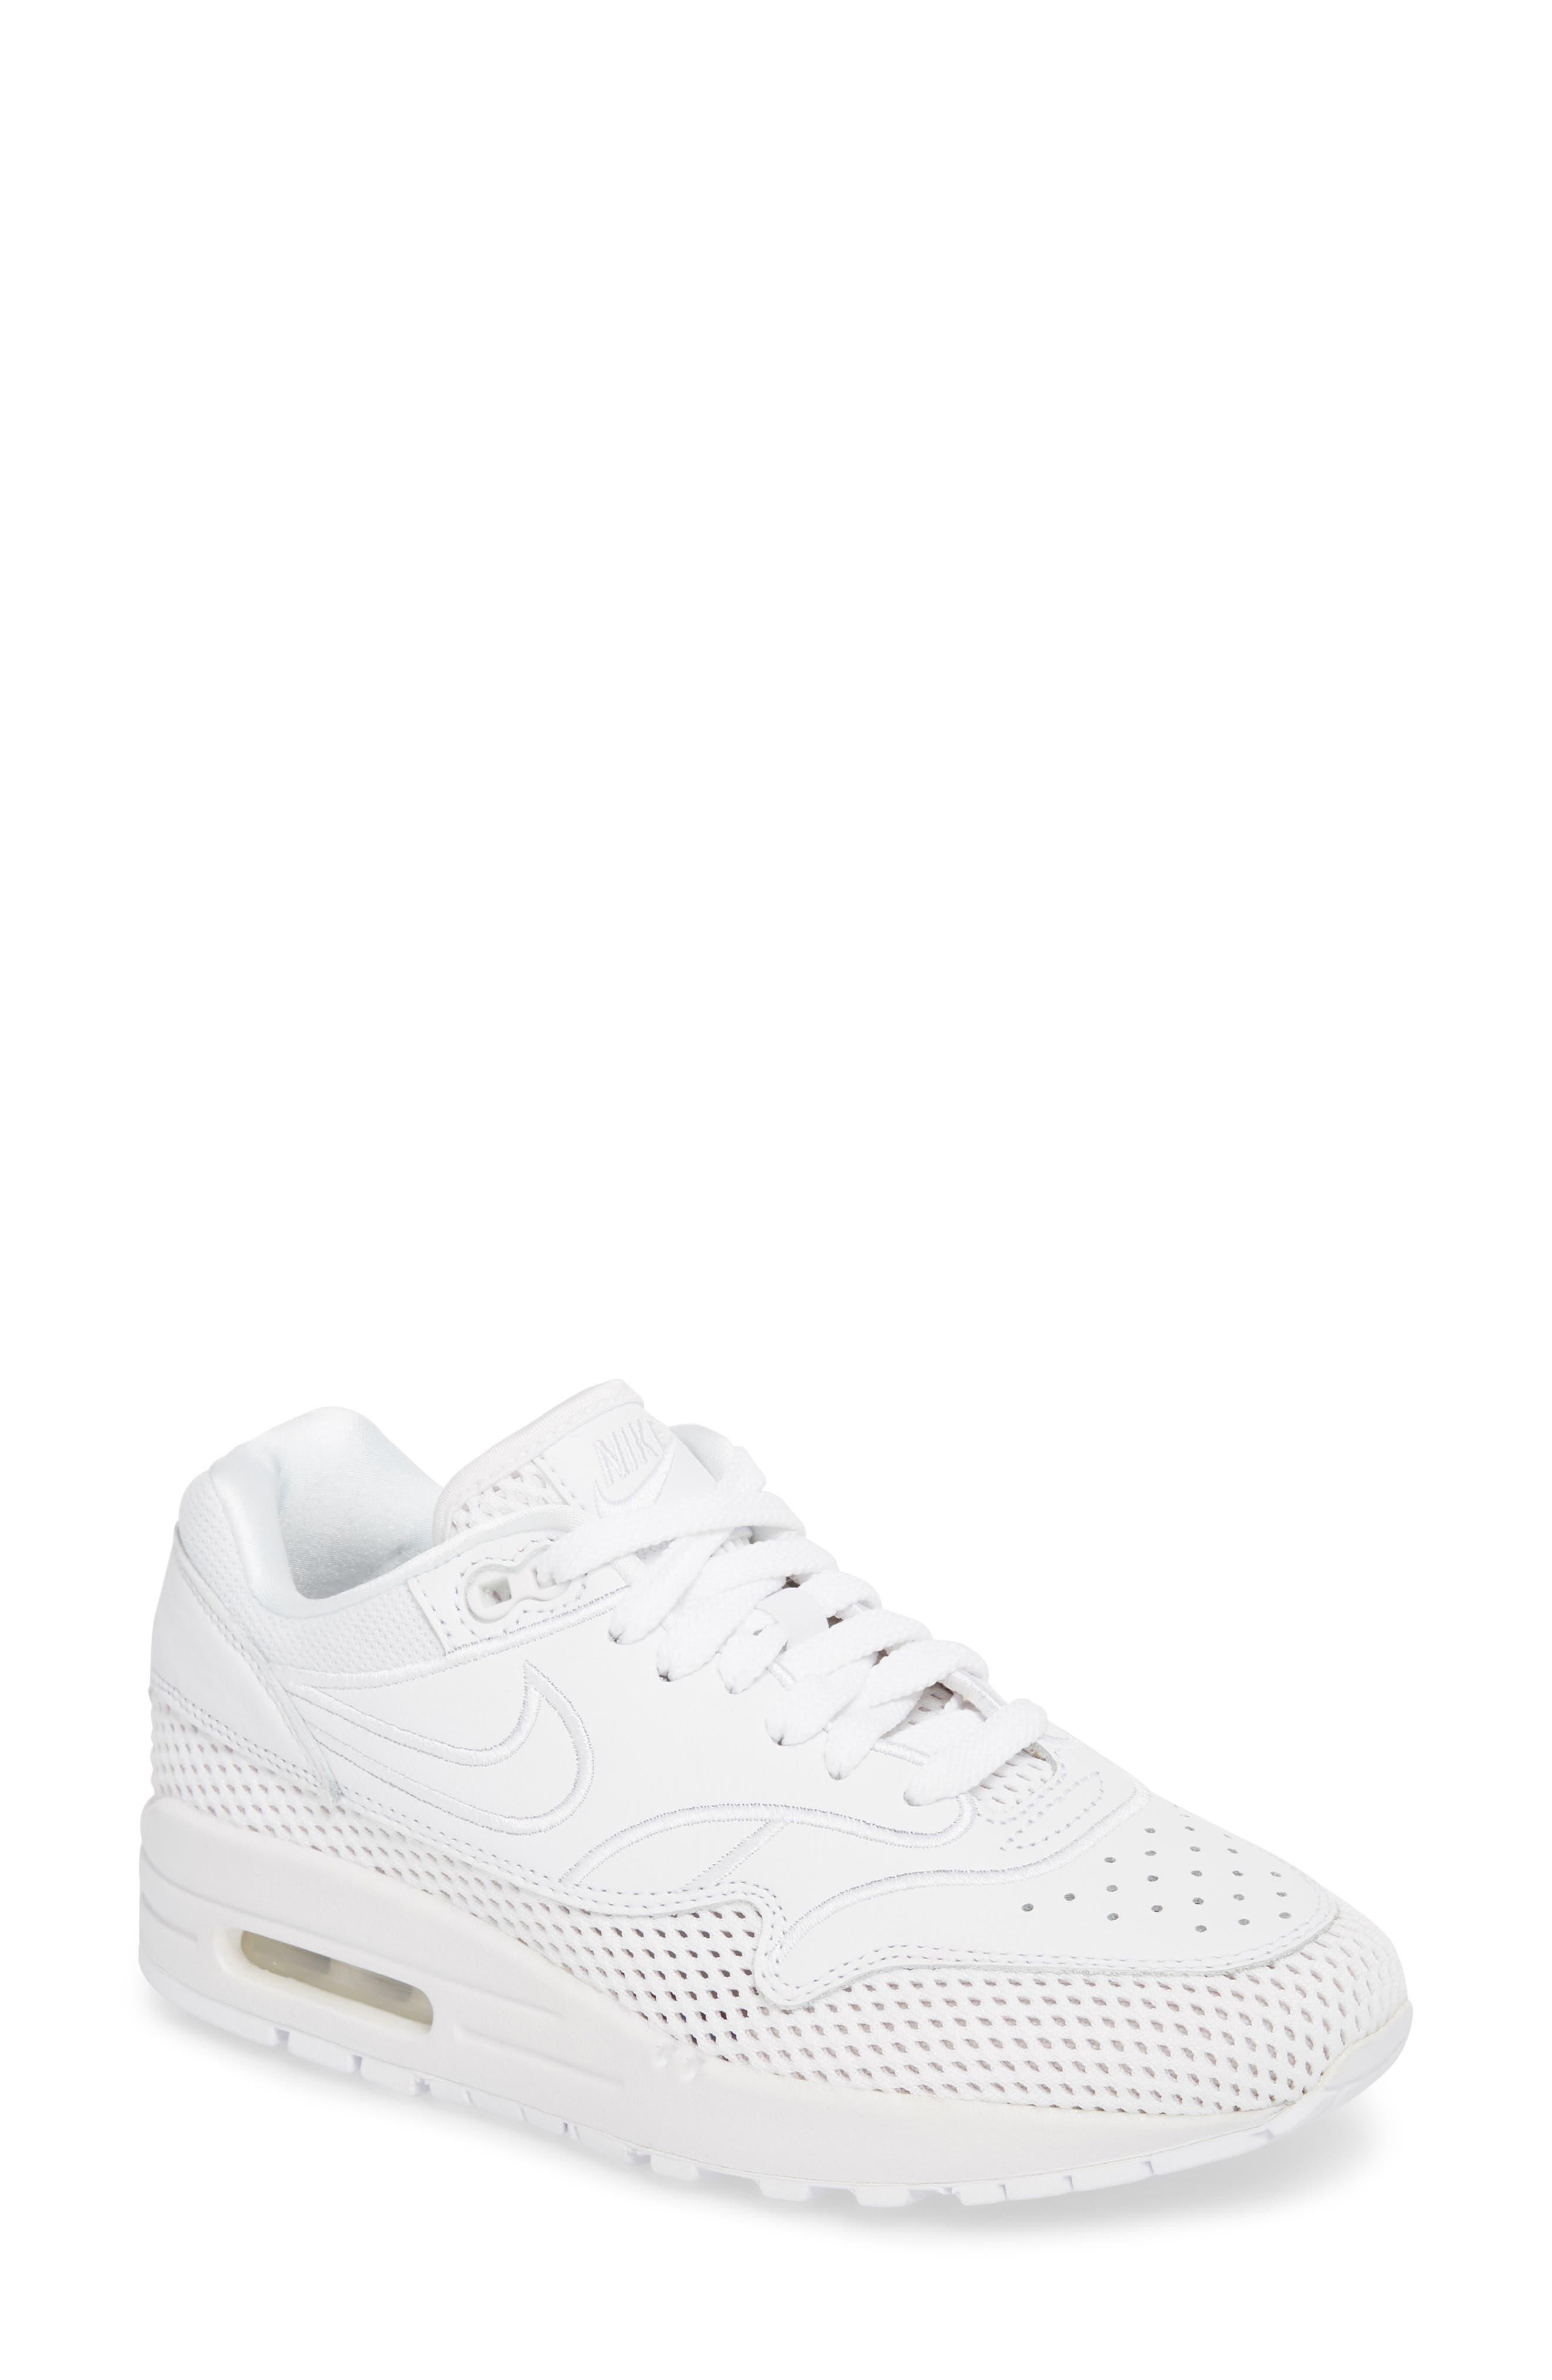 Air Max 1 SI Sneaker,                         Main,                         color, 100